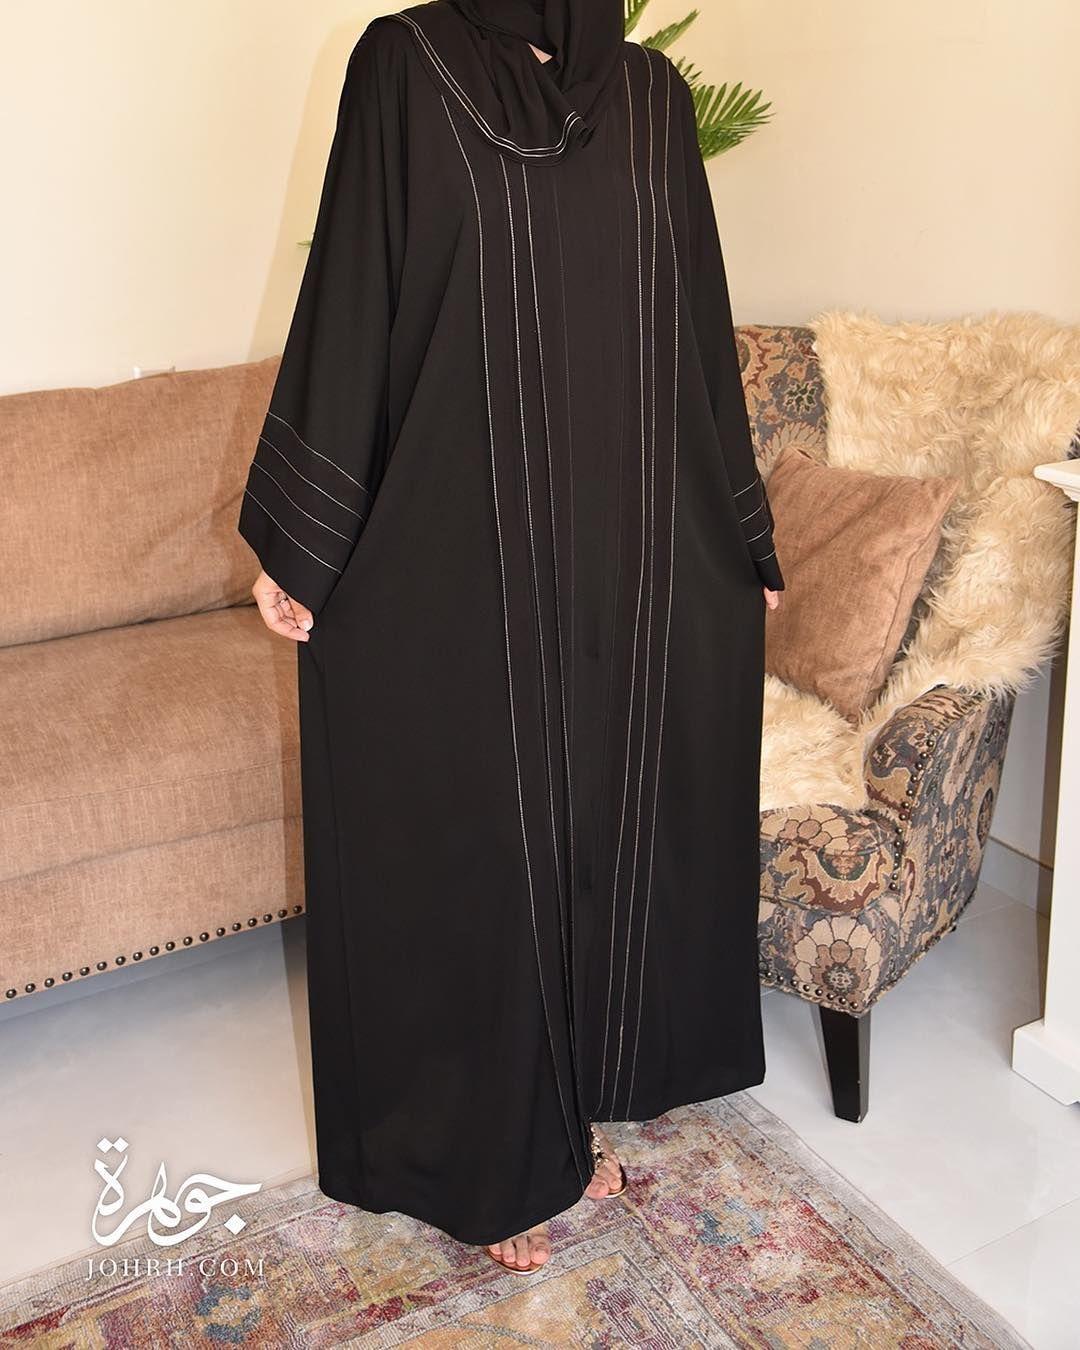 عباءة بقماش بيج بلاك بيري الذي يزينها الخياطة بلون بيج يحدد شرائح الشيفون في أطراف العباءة الأمامية كما تأتي في الخل Fashion Cold Shoulder Dress Shoulder Dress